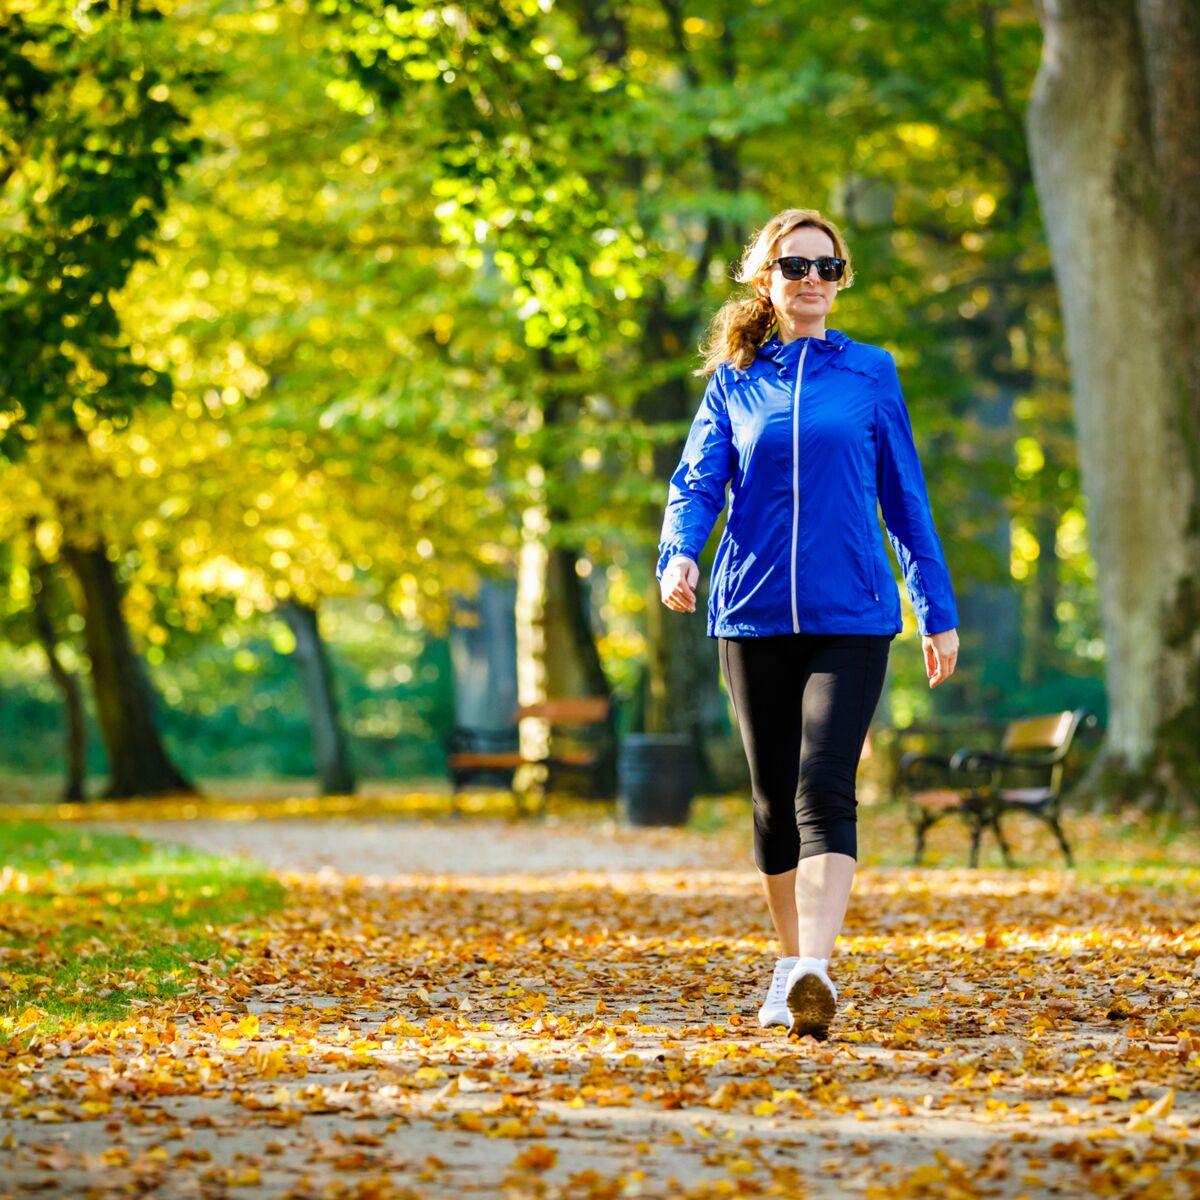 meilleurs conseils de perte de poids pour des résultats rapides meilleur ratio de macronutriments pour la perte de poids féminine